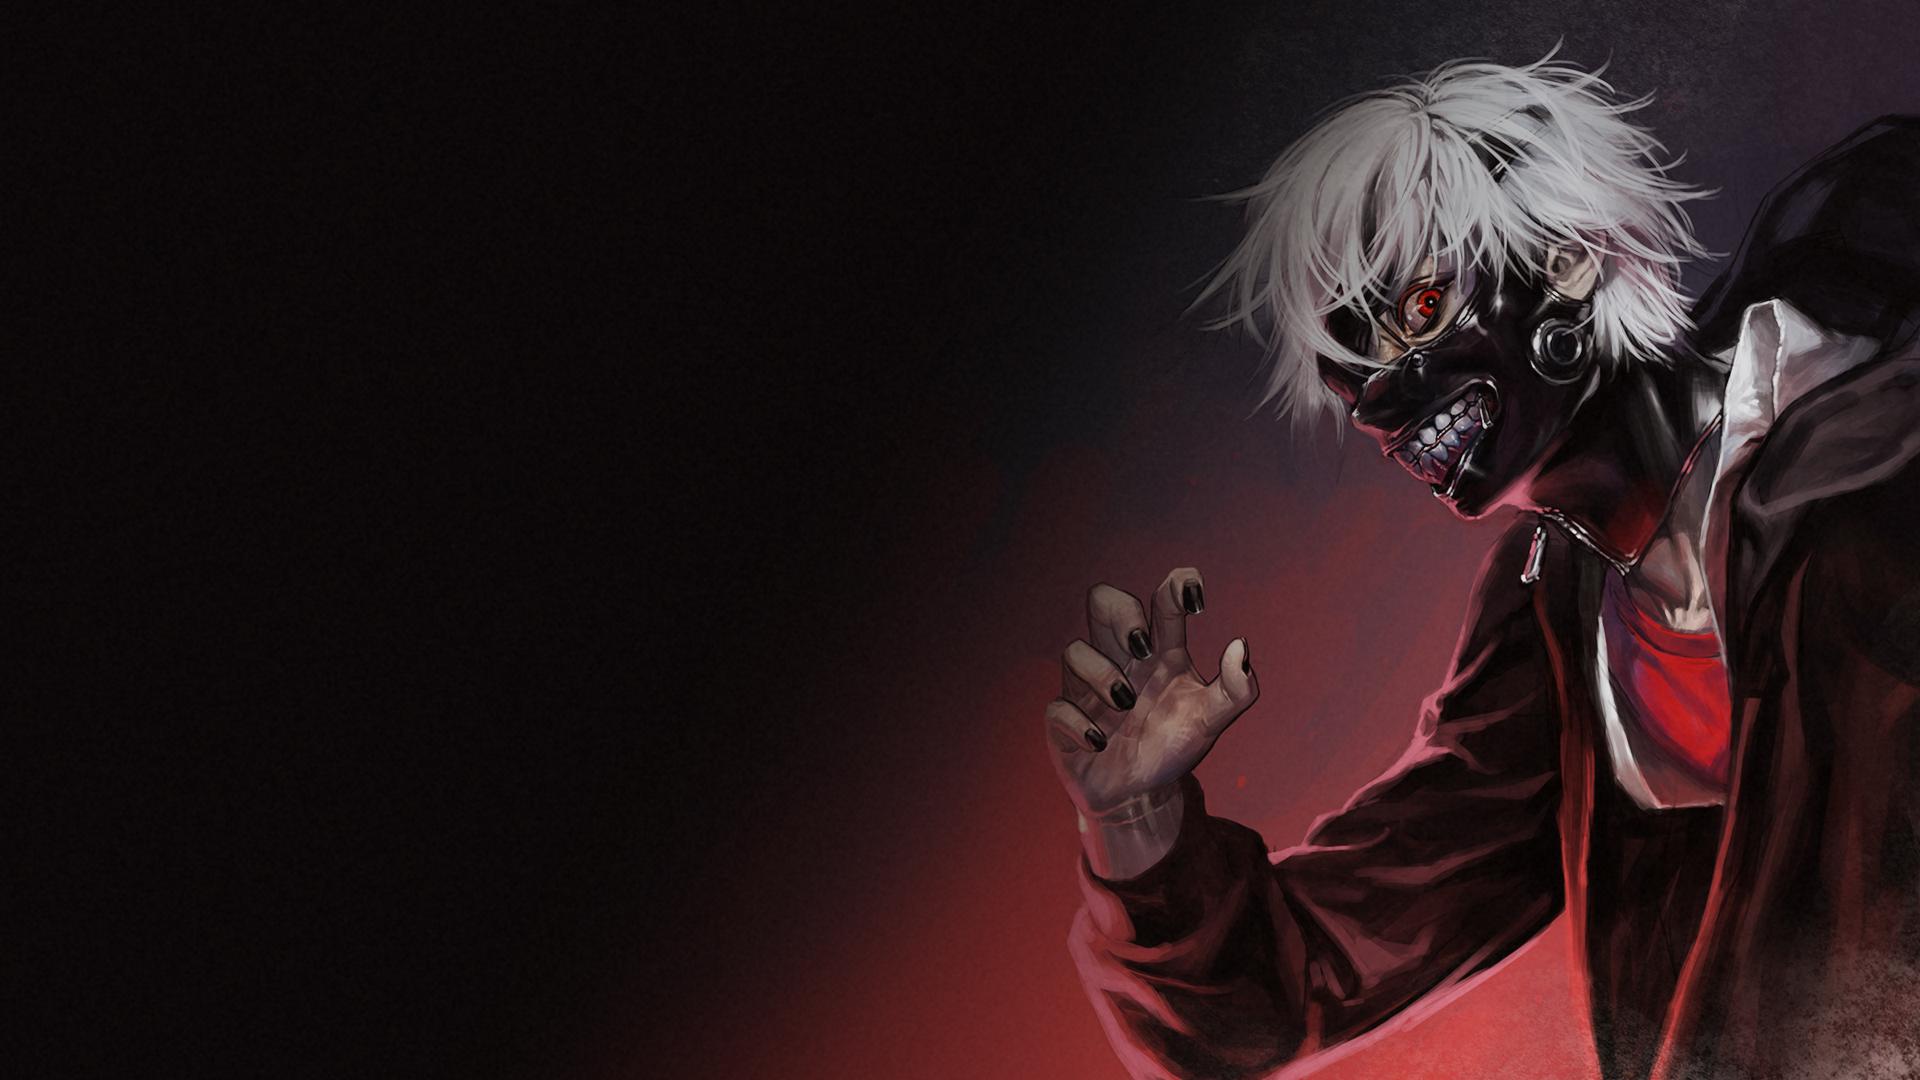 Tokyo Ghoul wallpaper 2